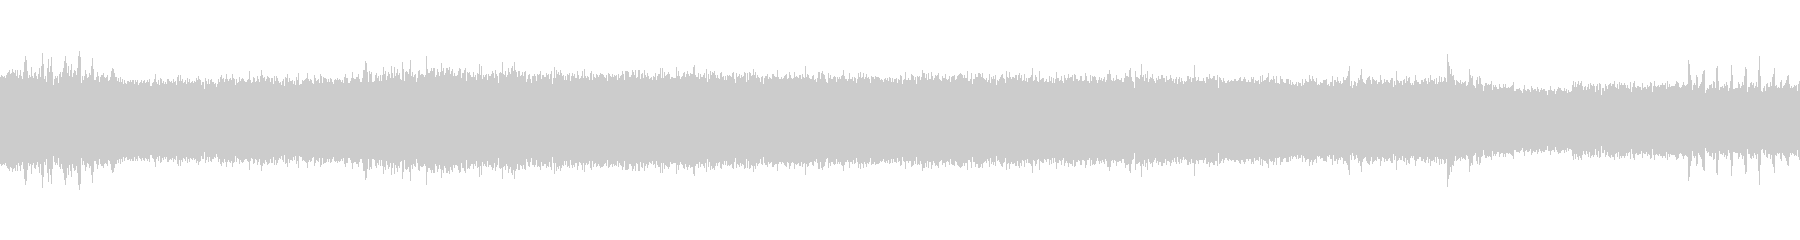 【生音】 電車 - 走行音 - 02の未再生の波形